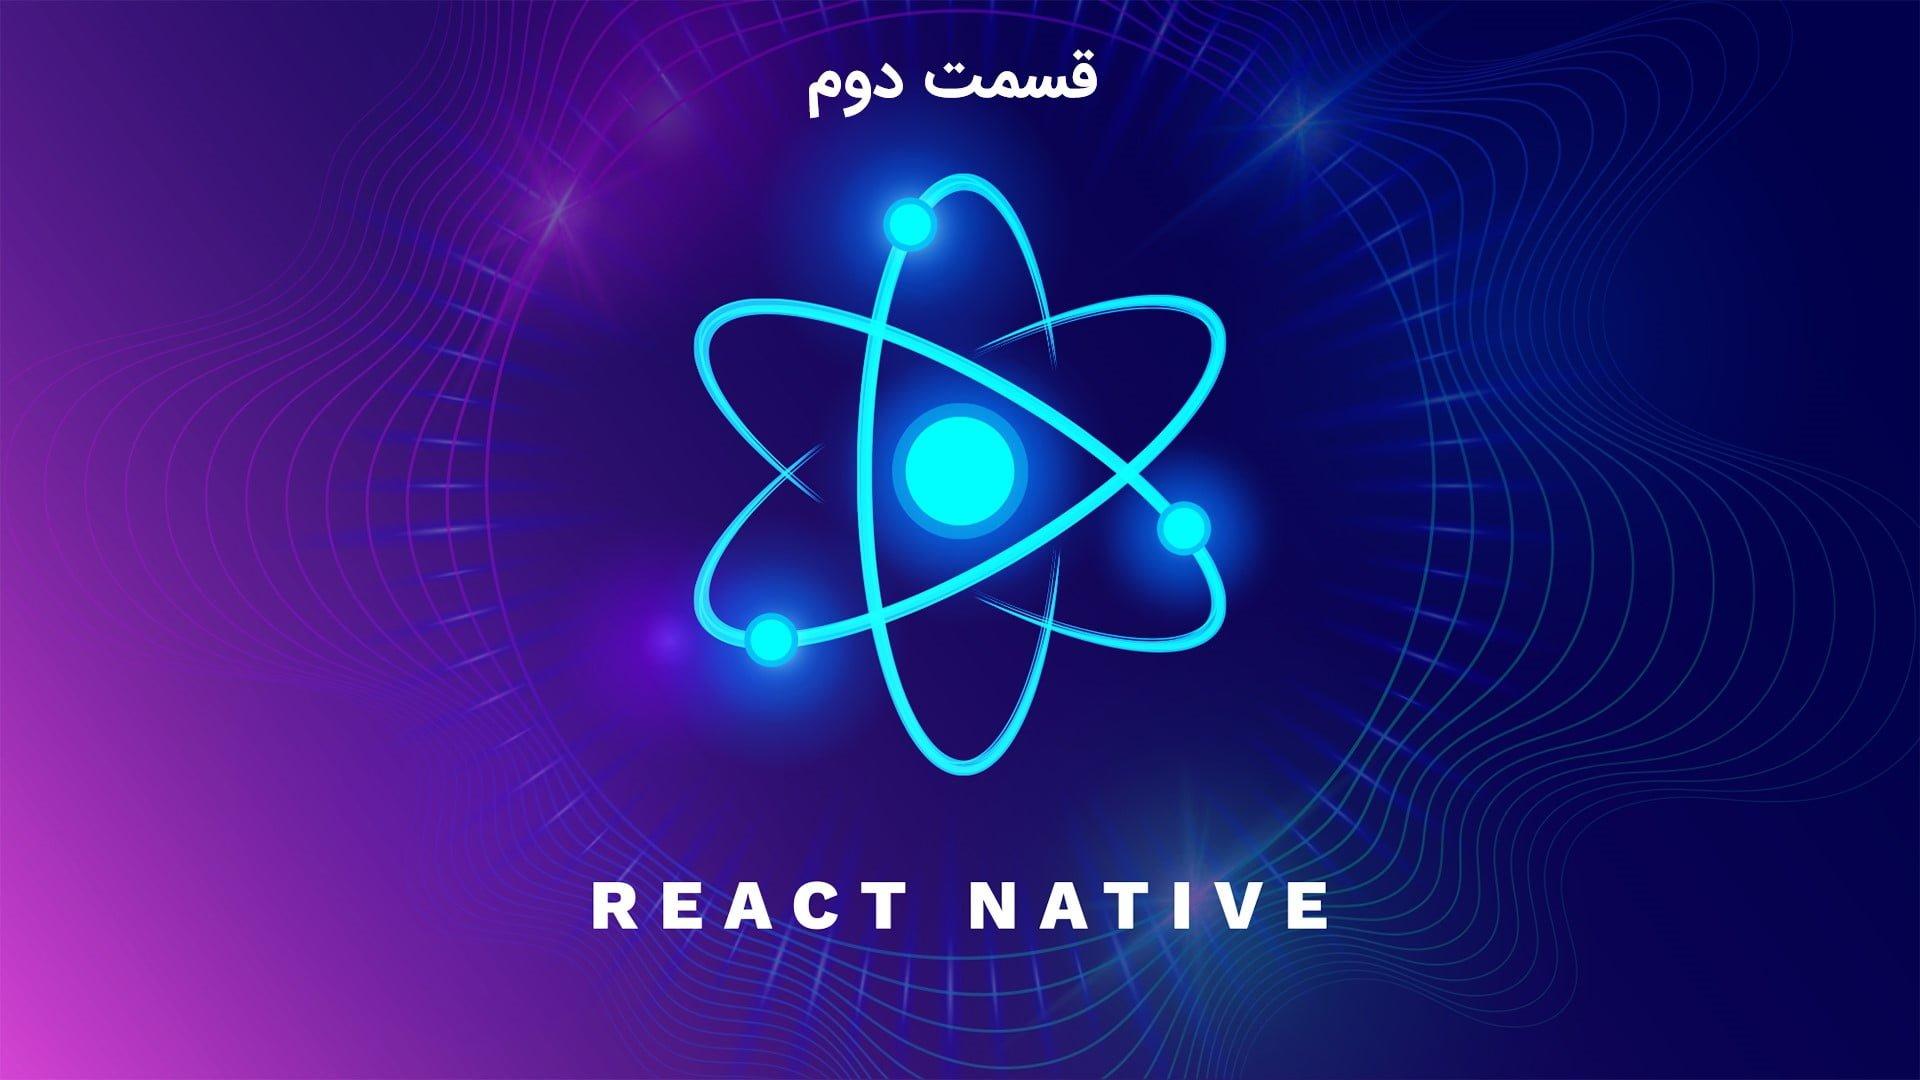 آموزش پیشرفته React Native از سری CodeWithMosh - آموزش جامع React Native - دوره های ماش همدانی - The Ultimate React Native Series: Advanced Concepts